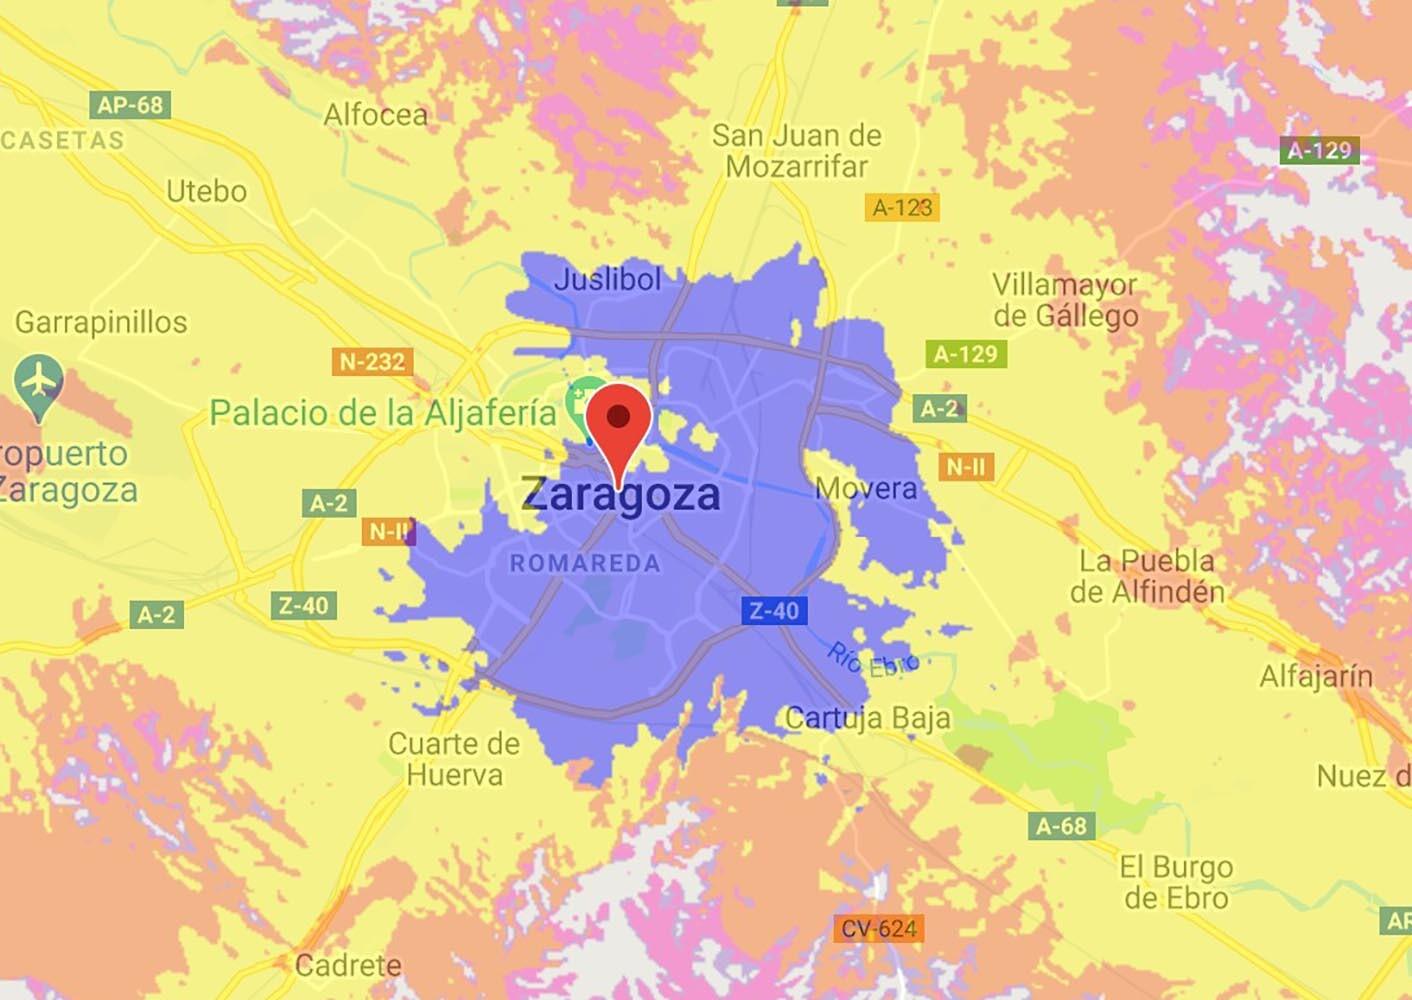 Cobertura 5G de Orange en Zaragoza